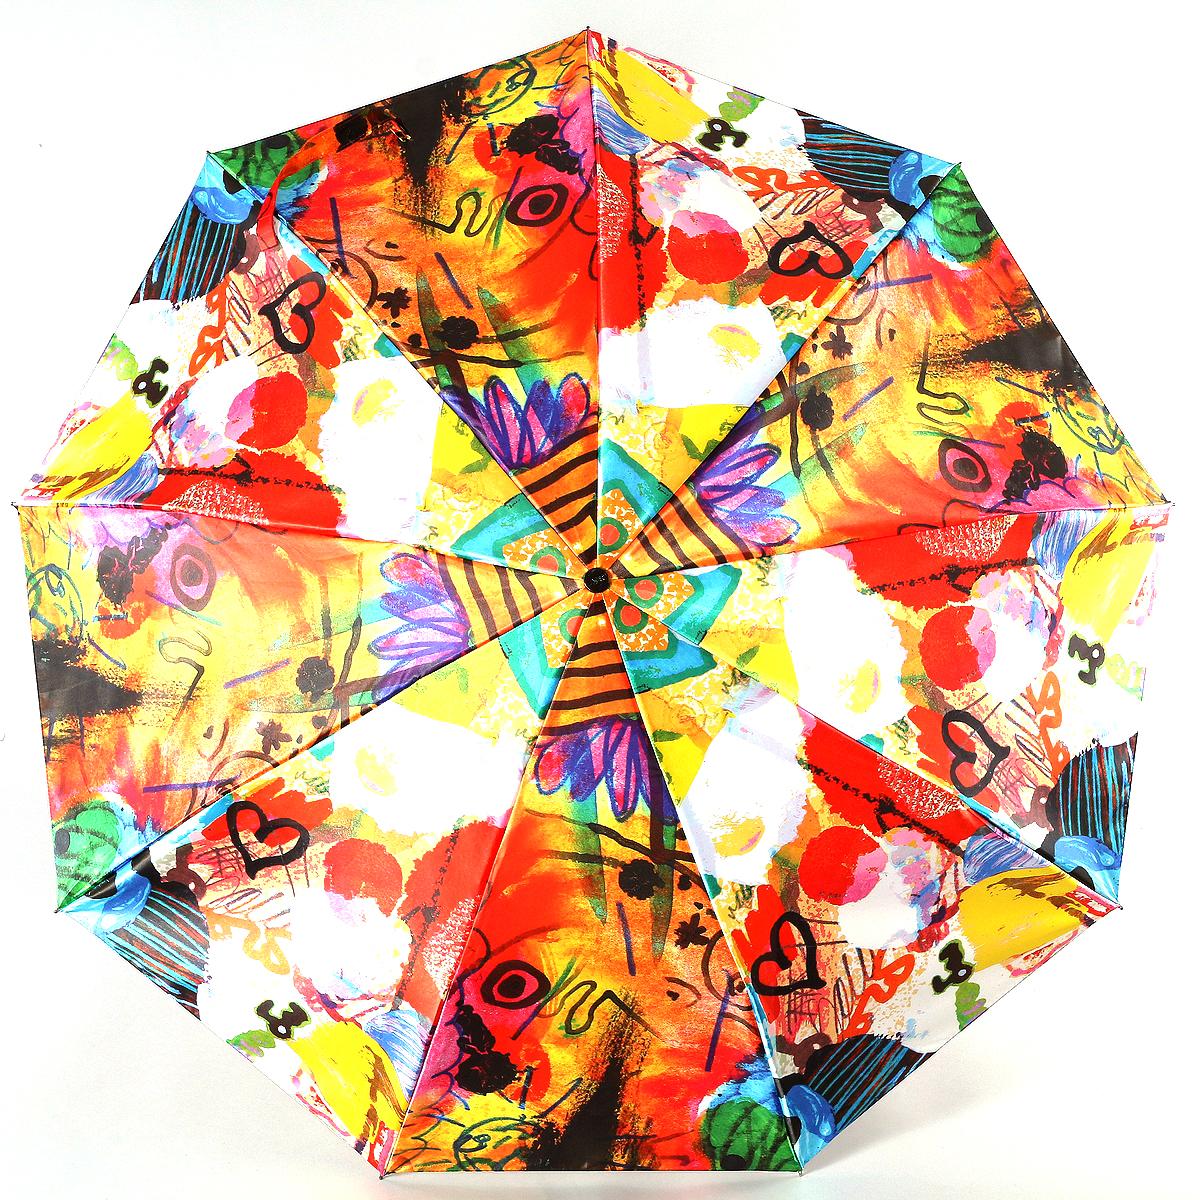 Зонт женский Zest, цвет: фуксия, черный, желтый. 23944-308523944-3085Сатиновый женский зонт в 3 сложения. Модель зонта выполнена в механизме - полный автомат, оснащена системой Антиветер, которая позволяет спицам при порывах ветра выгибаться наизнанку, и при этом не ломаться. Удобная ручка выполнена из пластика. Данный аксессуар особенно хорош для тех, кто привык к комфорту. Вес зонта 480 грамм.